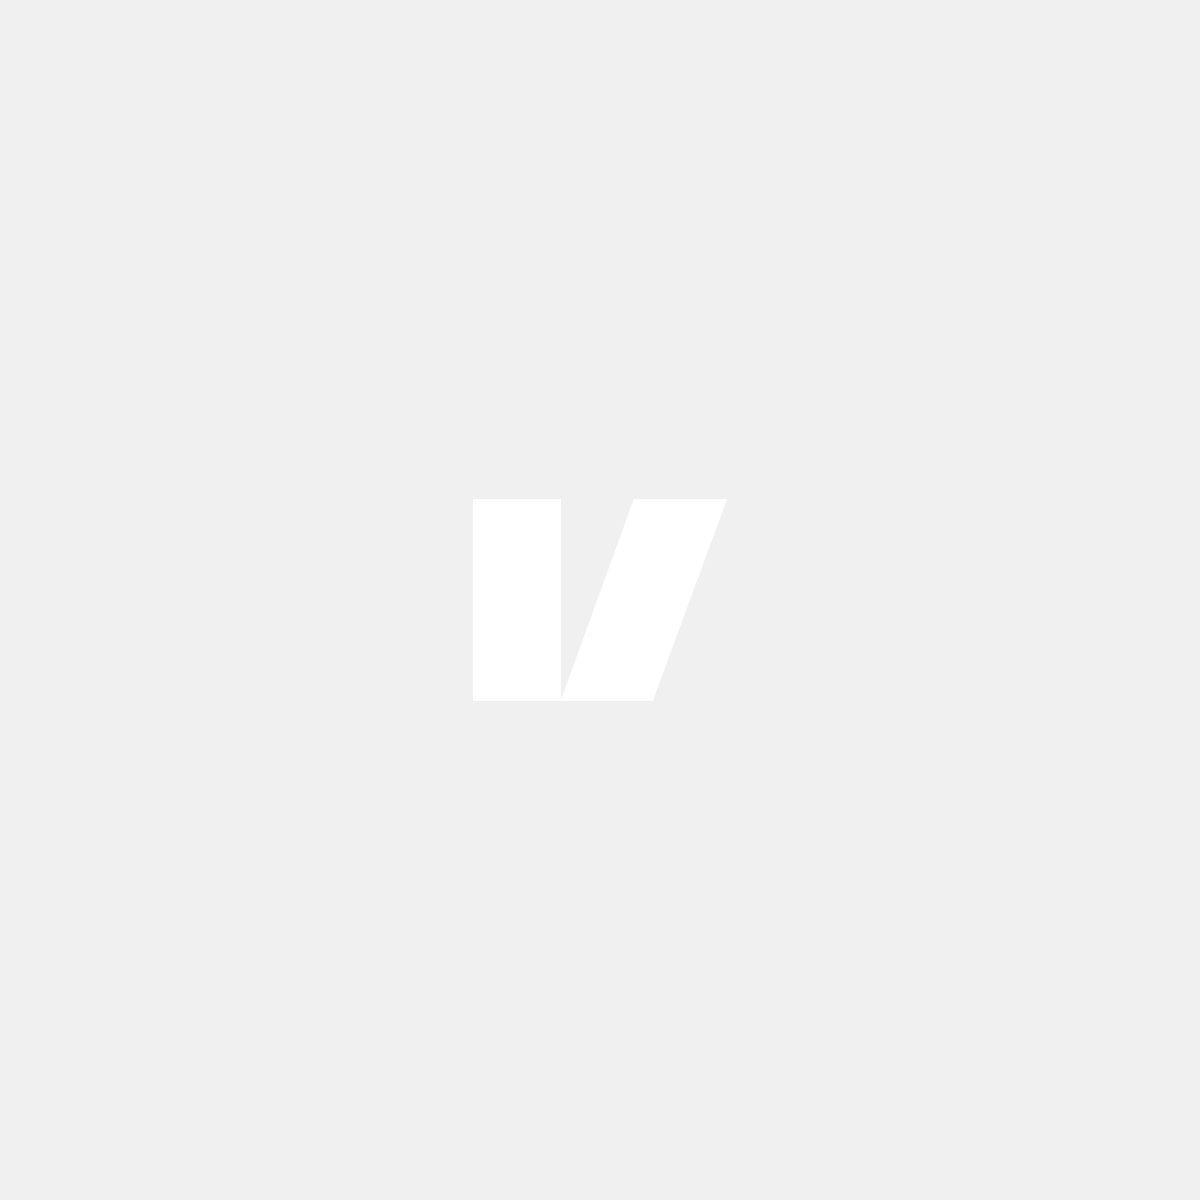 Styling strålkastare till Volvo S70, C70, V70, svarta